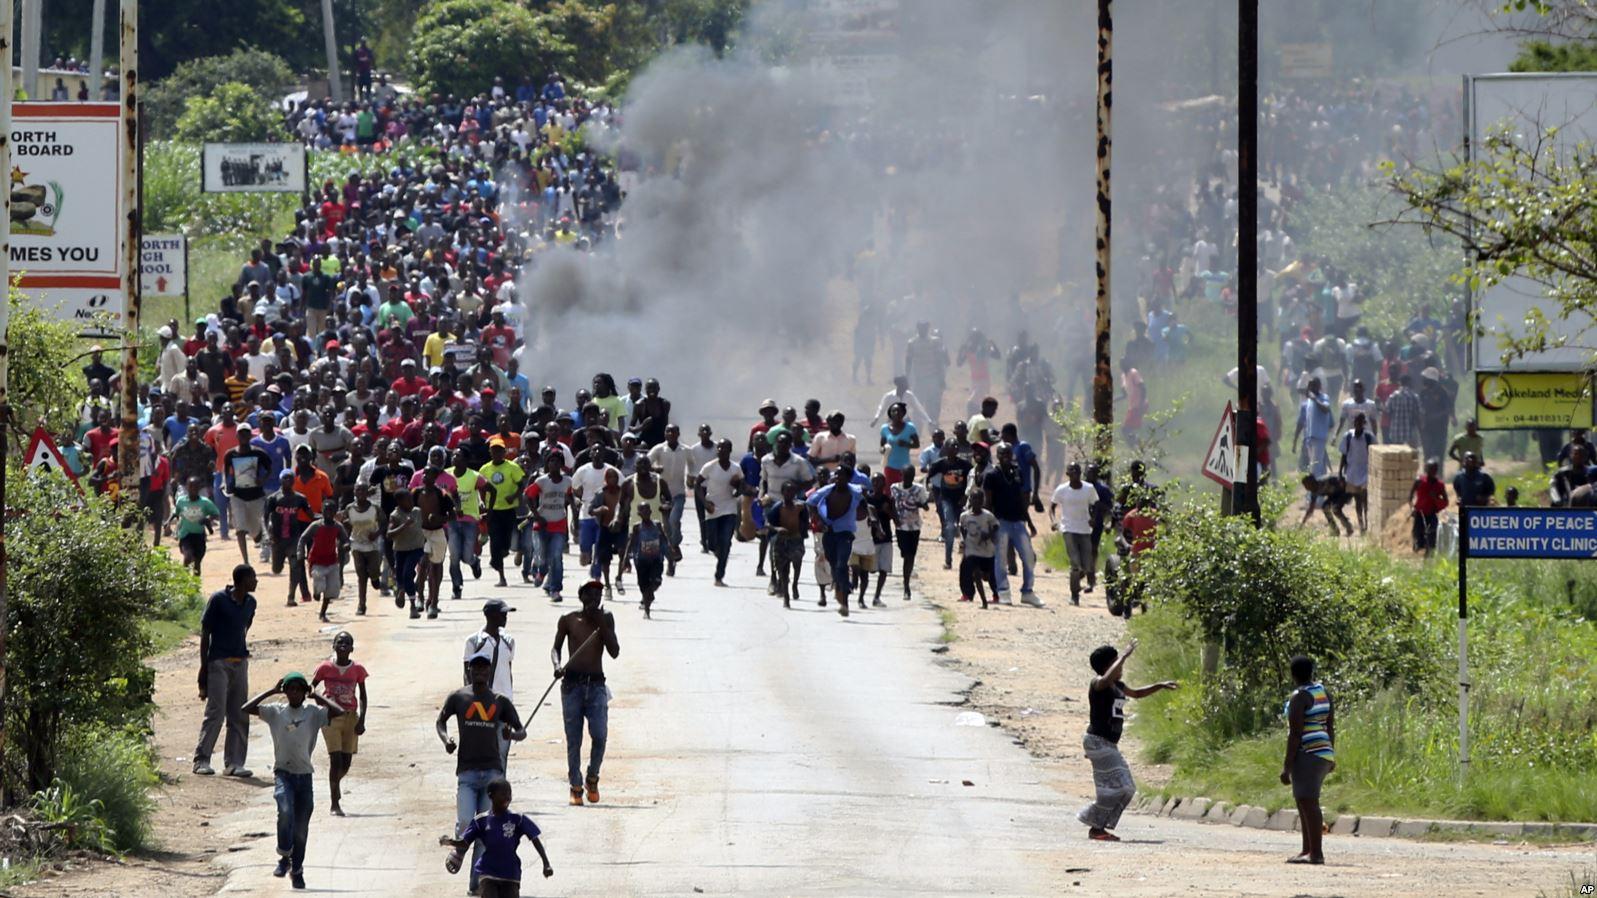 Zimbabwe President, Mnangagwa says West backing violence